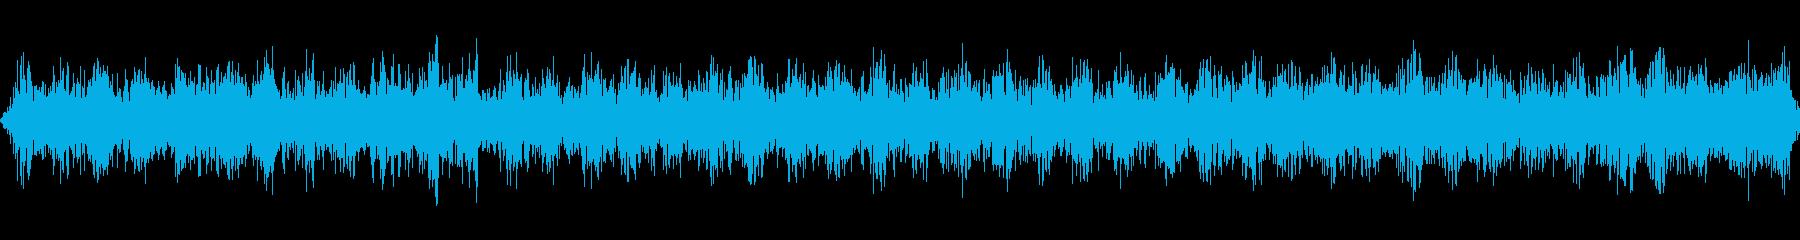 虫の声と道路の音の再生済みの波形